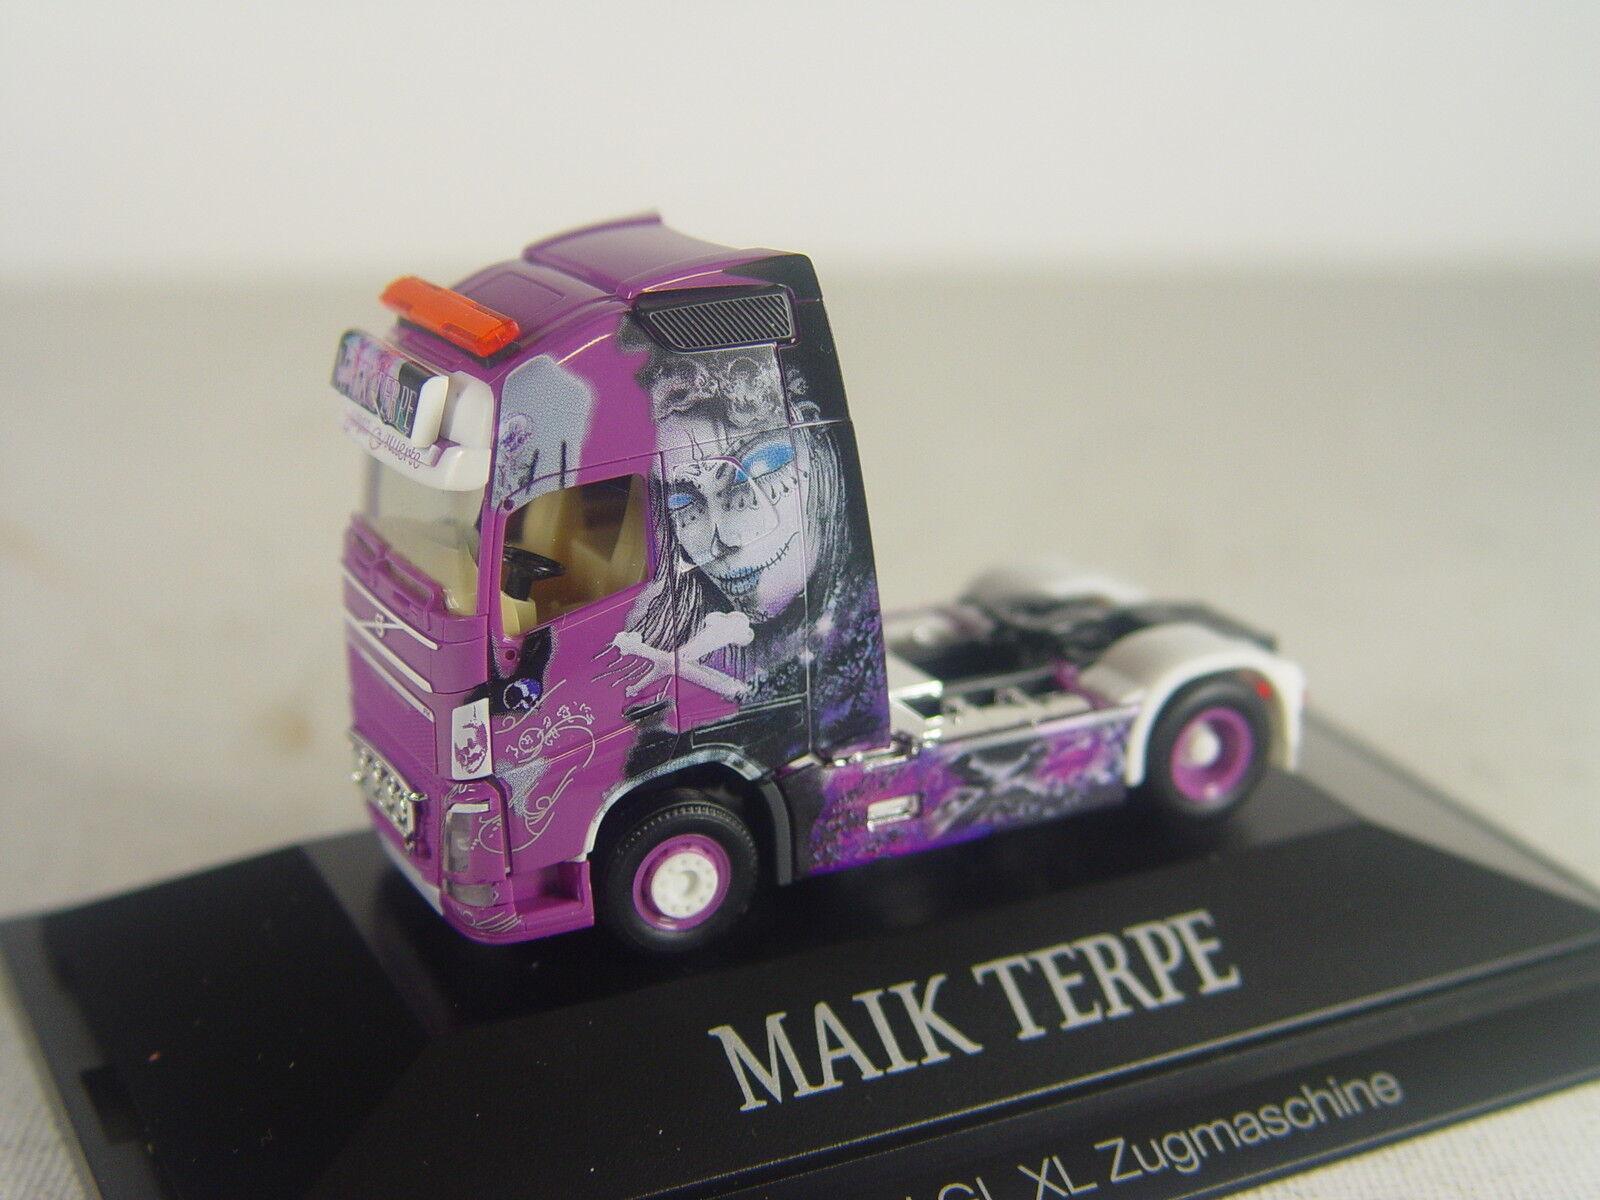 Ahorre hasta un 70% de descuento. Volvo FH FH FH GL XL tractor camión aerógrafo Maik terpe-Herpa 1 87 - 110815   e  sorteos de estadio